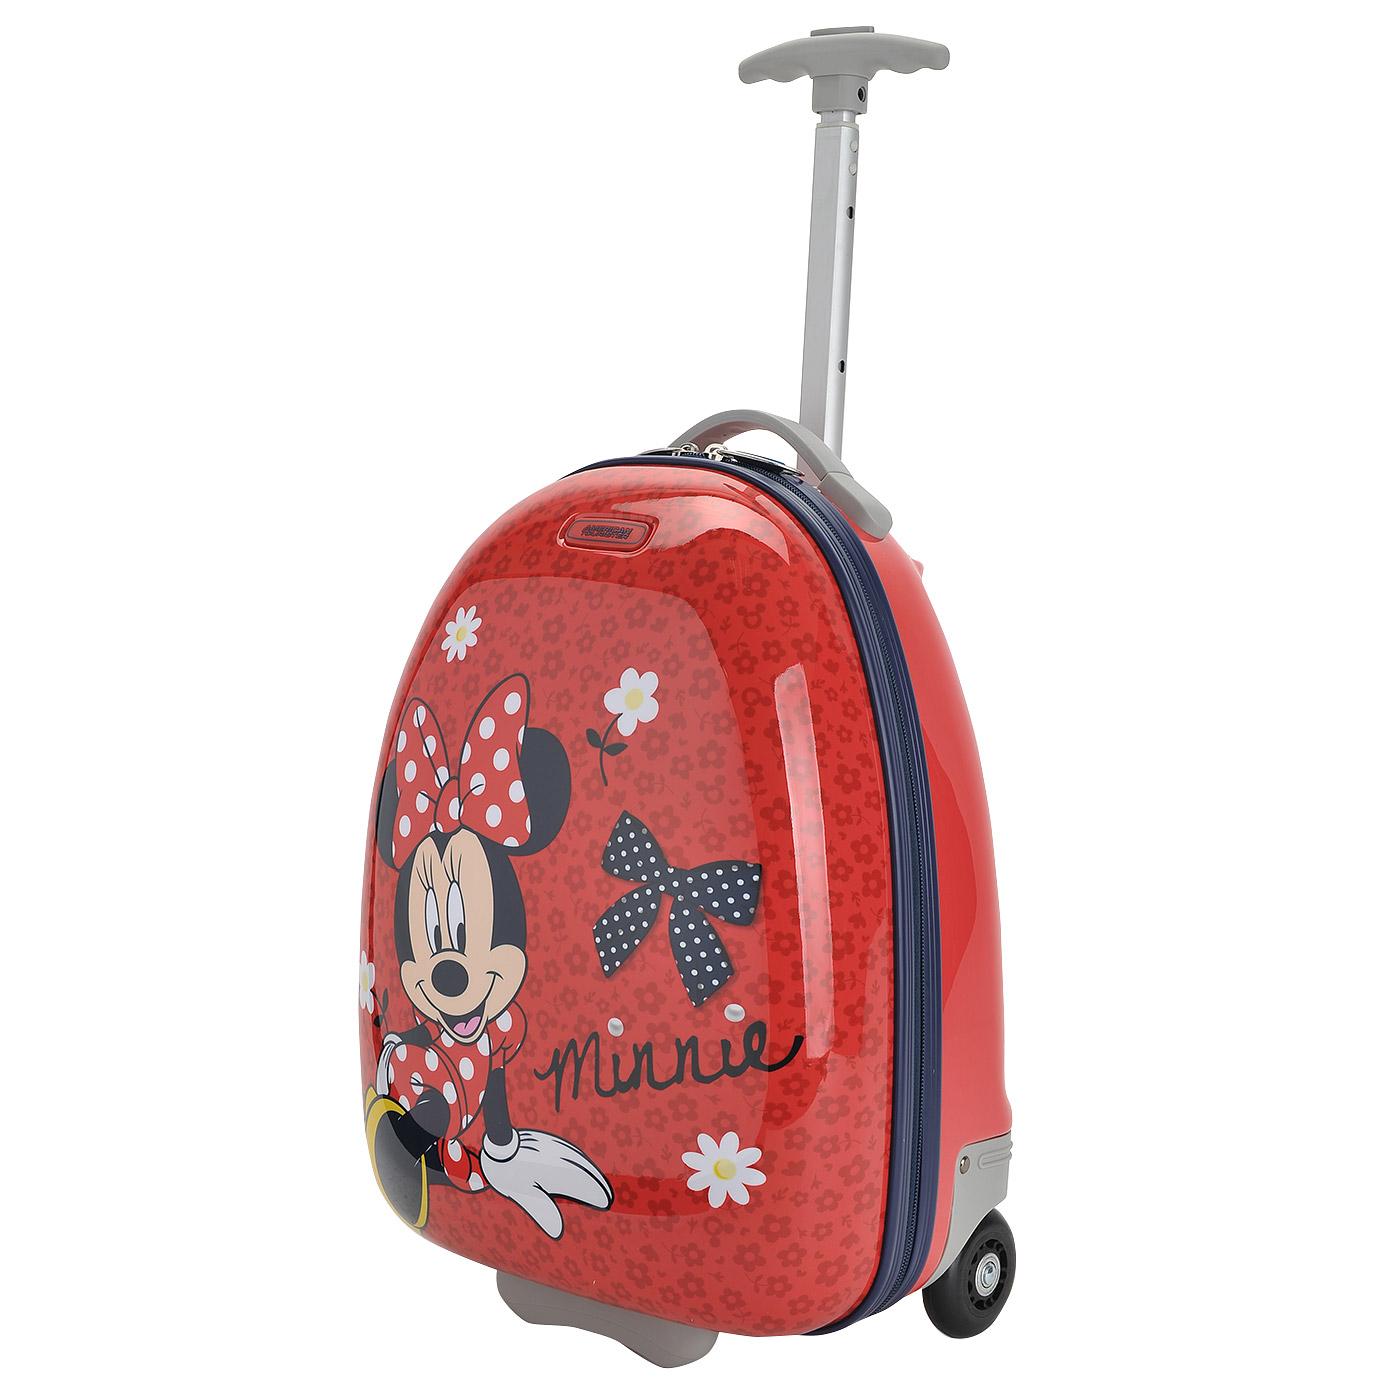 Купить детский чемодан недорого в интернет магазине в Москве